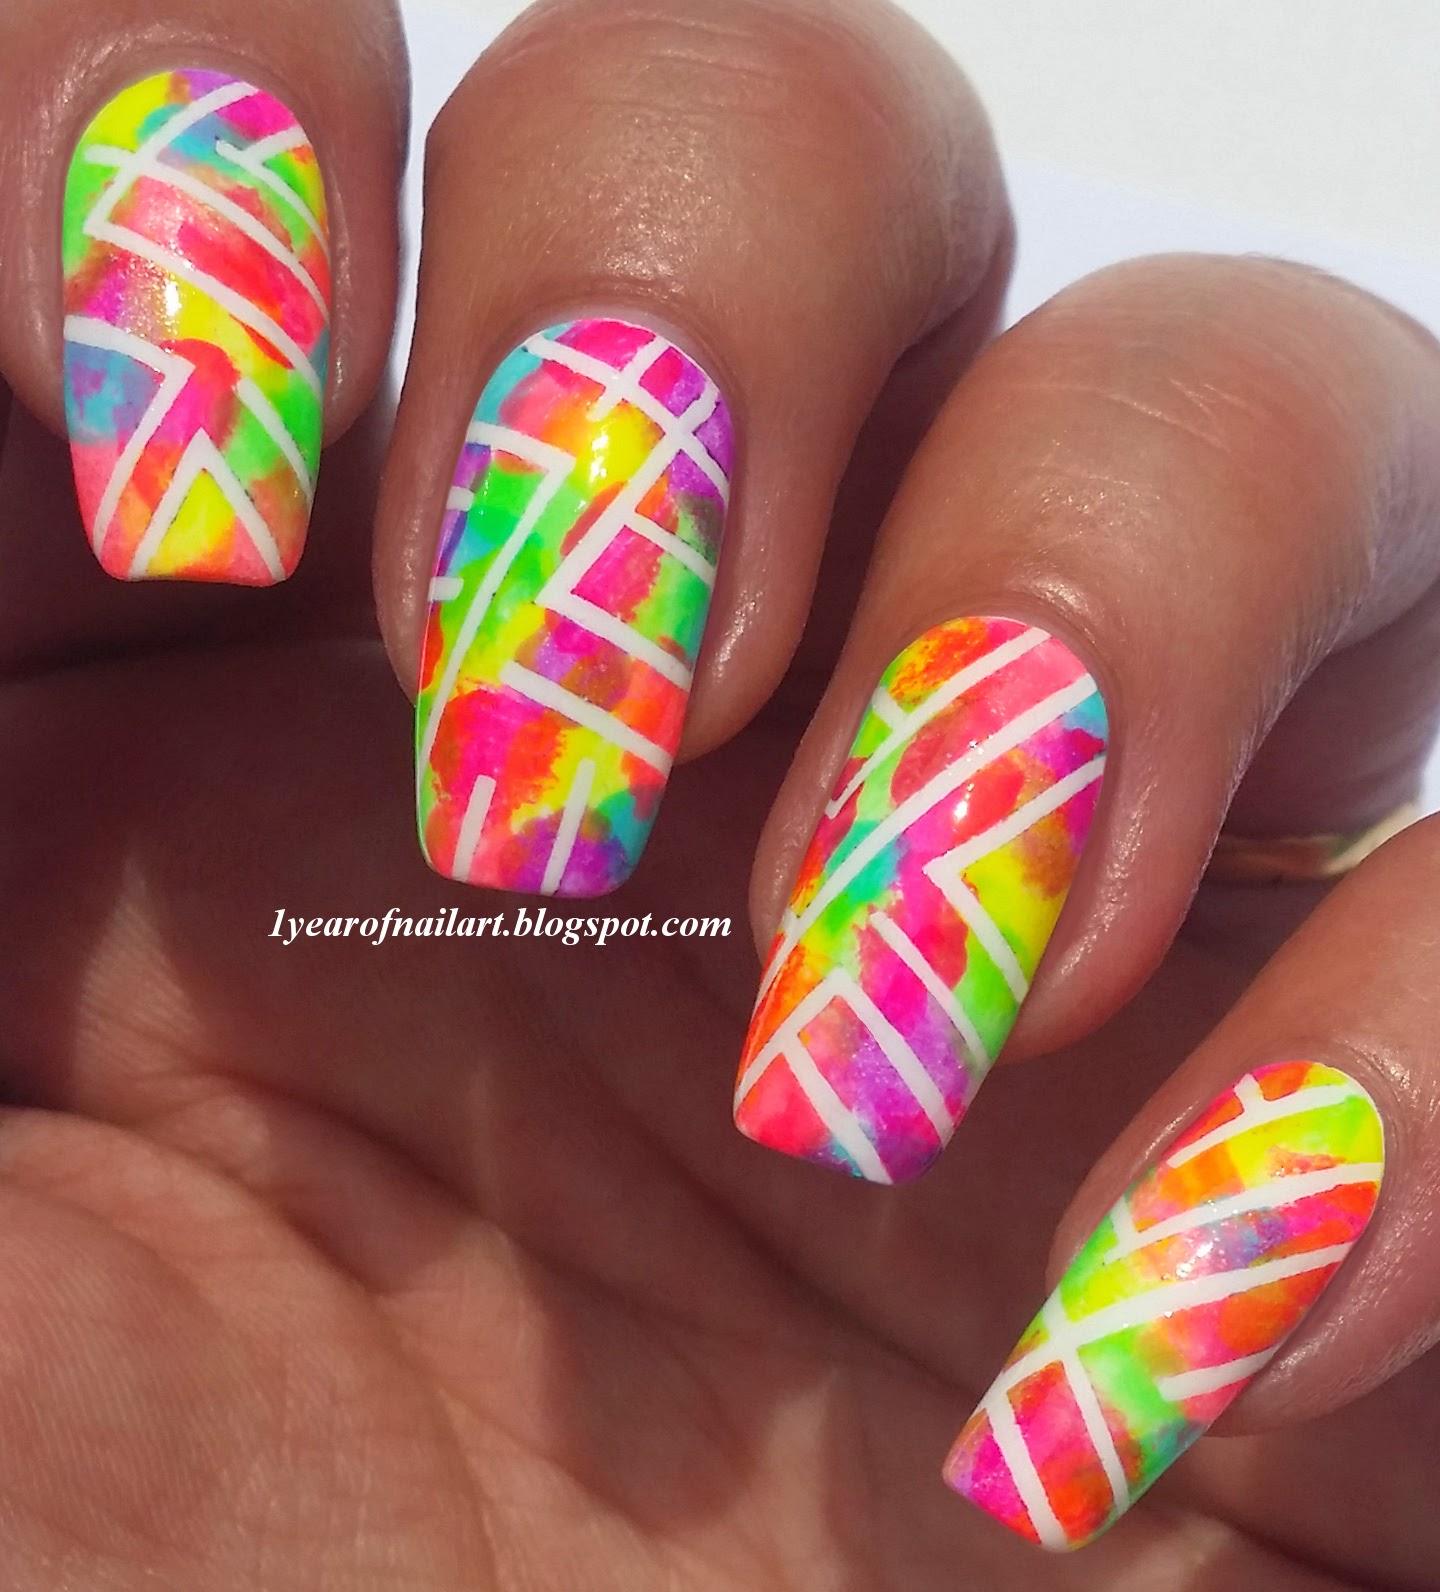 365+ days of nail art: Abstract neon nails